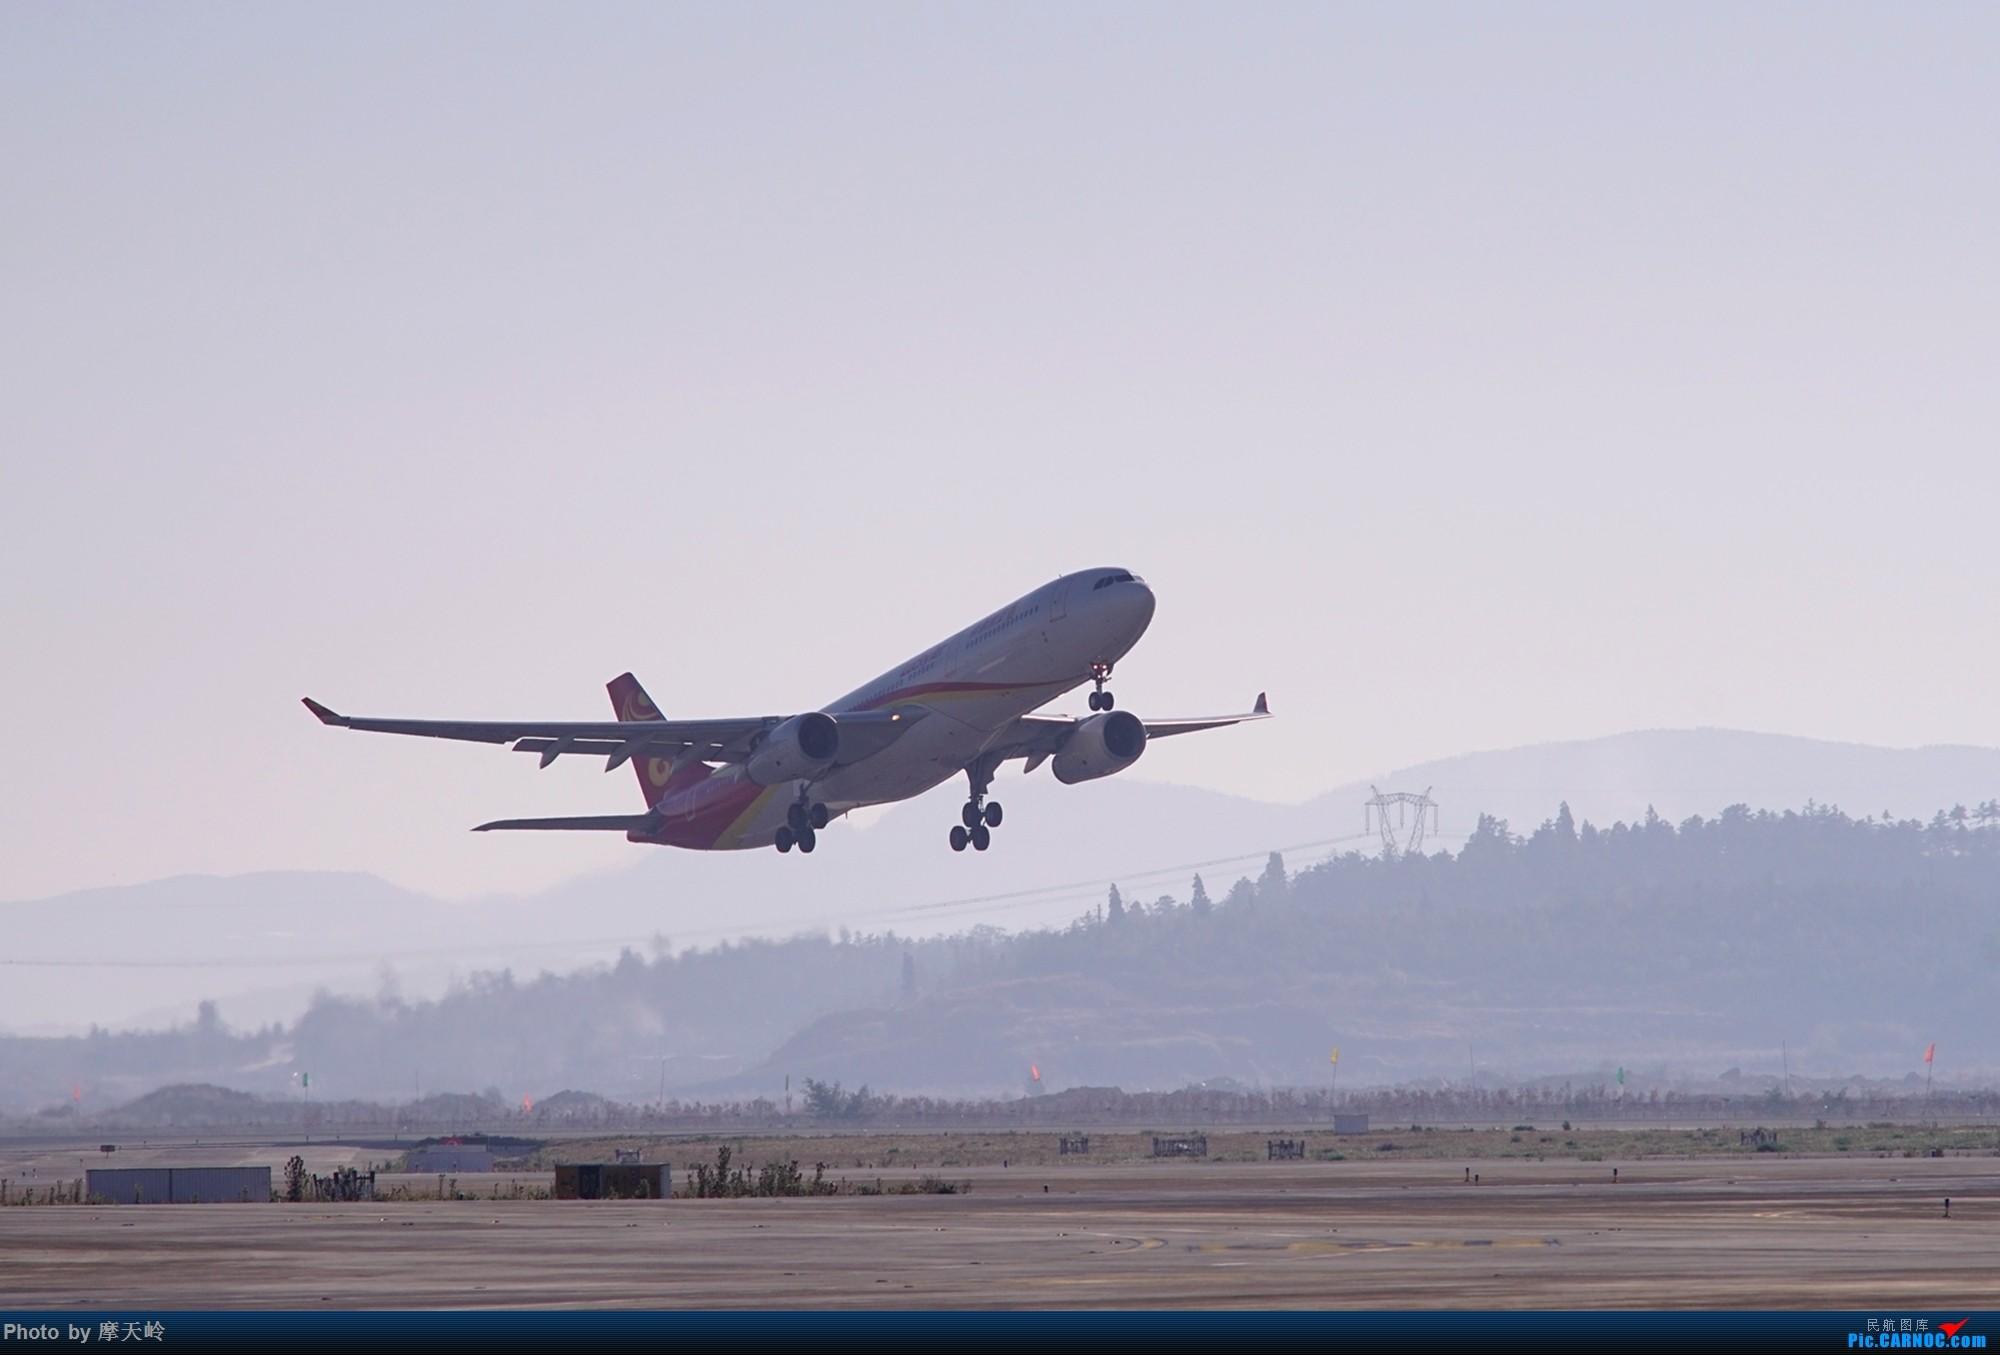 Re:[原创]【昆明长水】内场拍拍拍 AIRBUS A330-300 B-5971 中国昆明长水国际机场